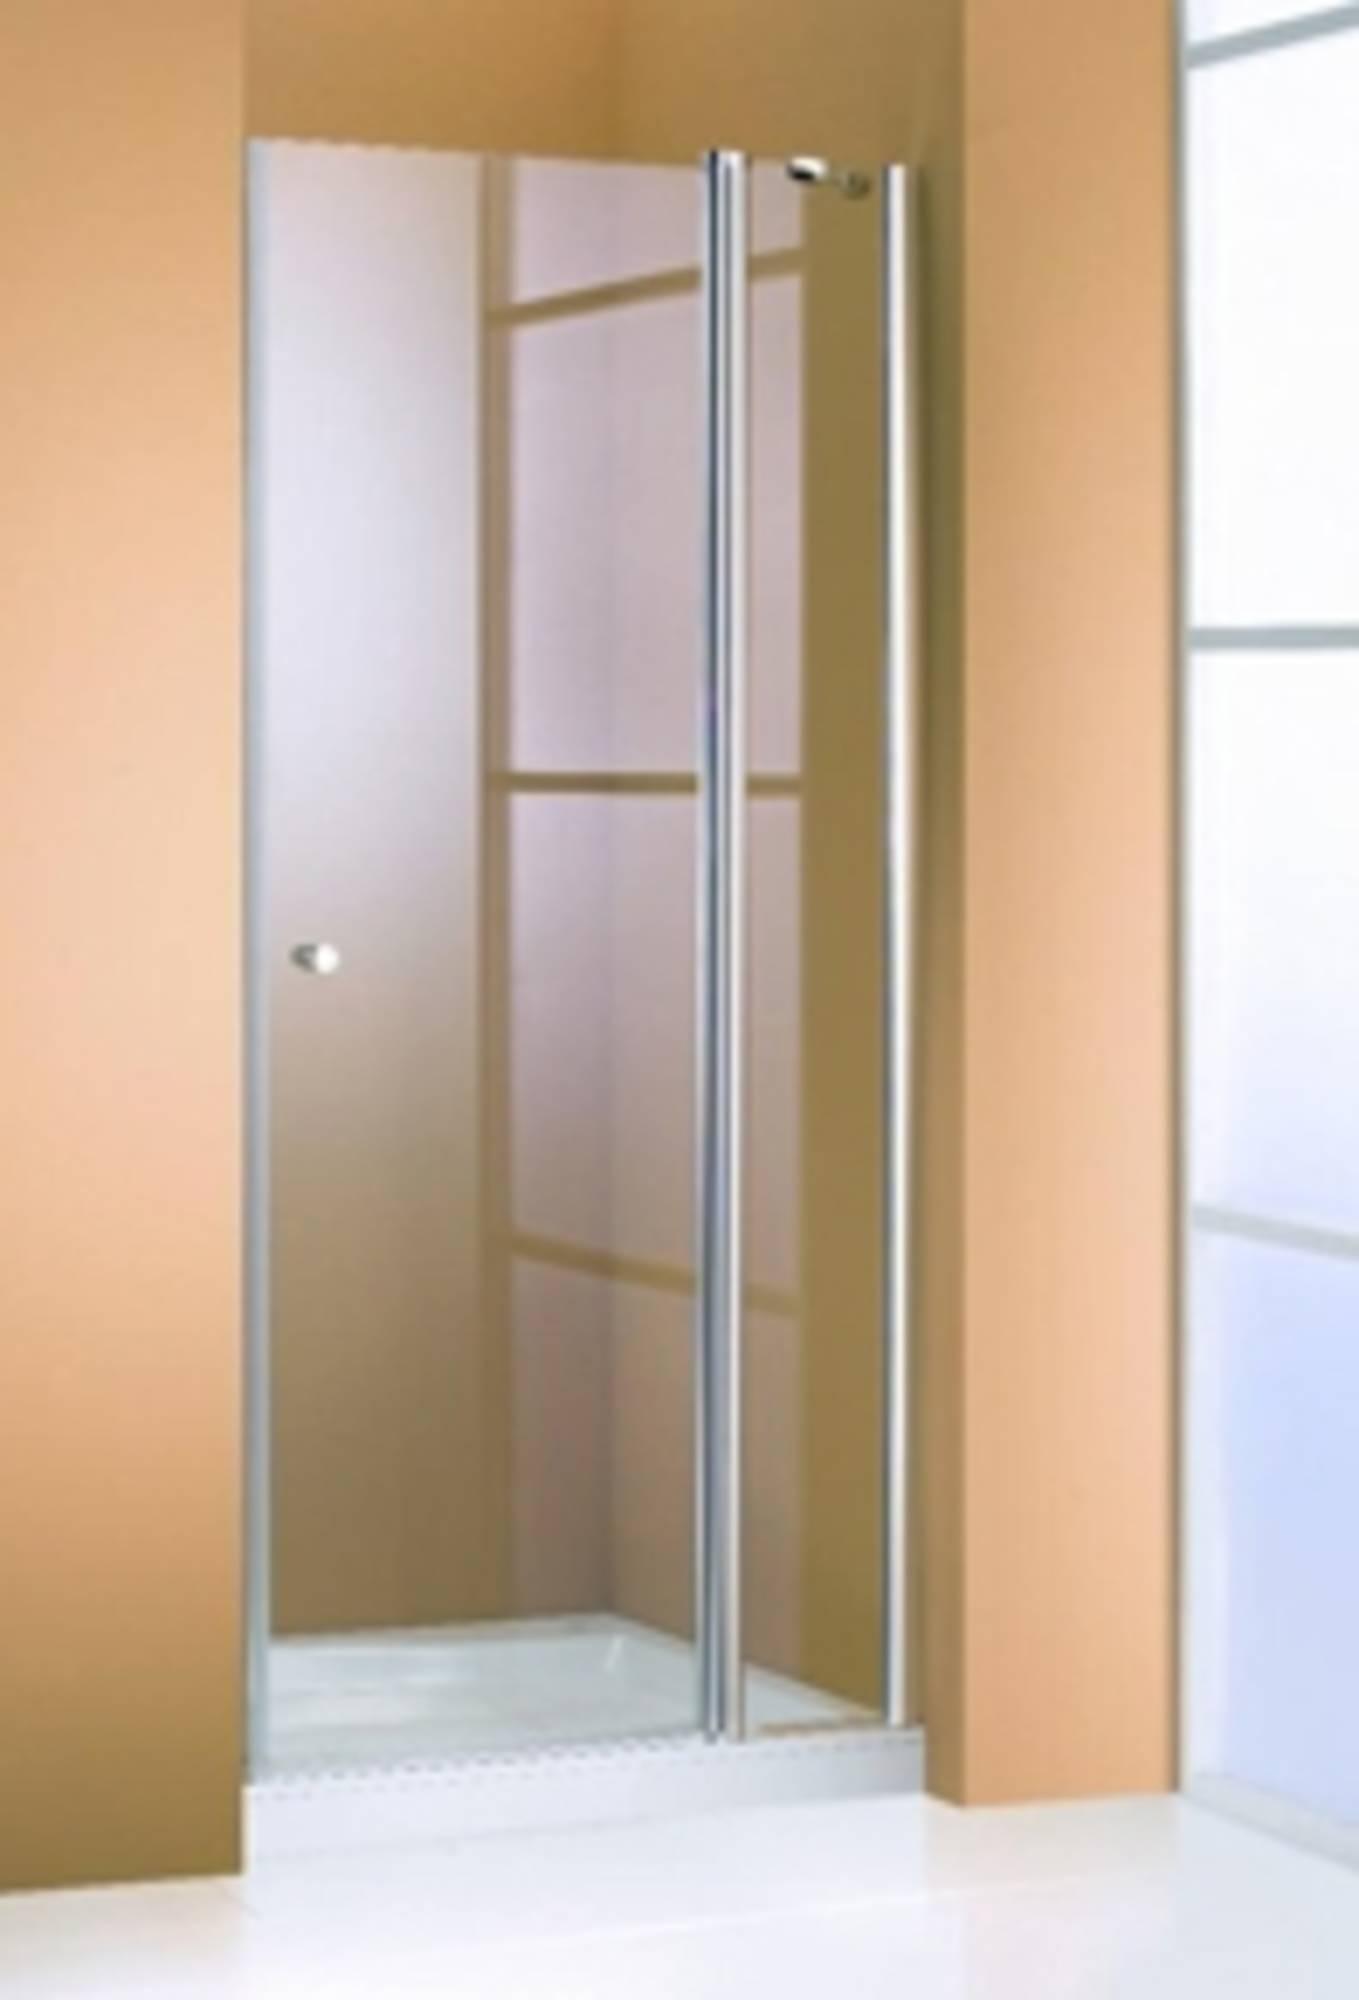 Huppe 501 design draaideur 100x190 met vaste segmenten, matzilver-helder glas